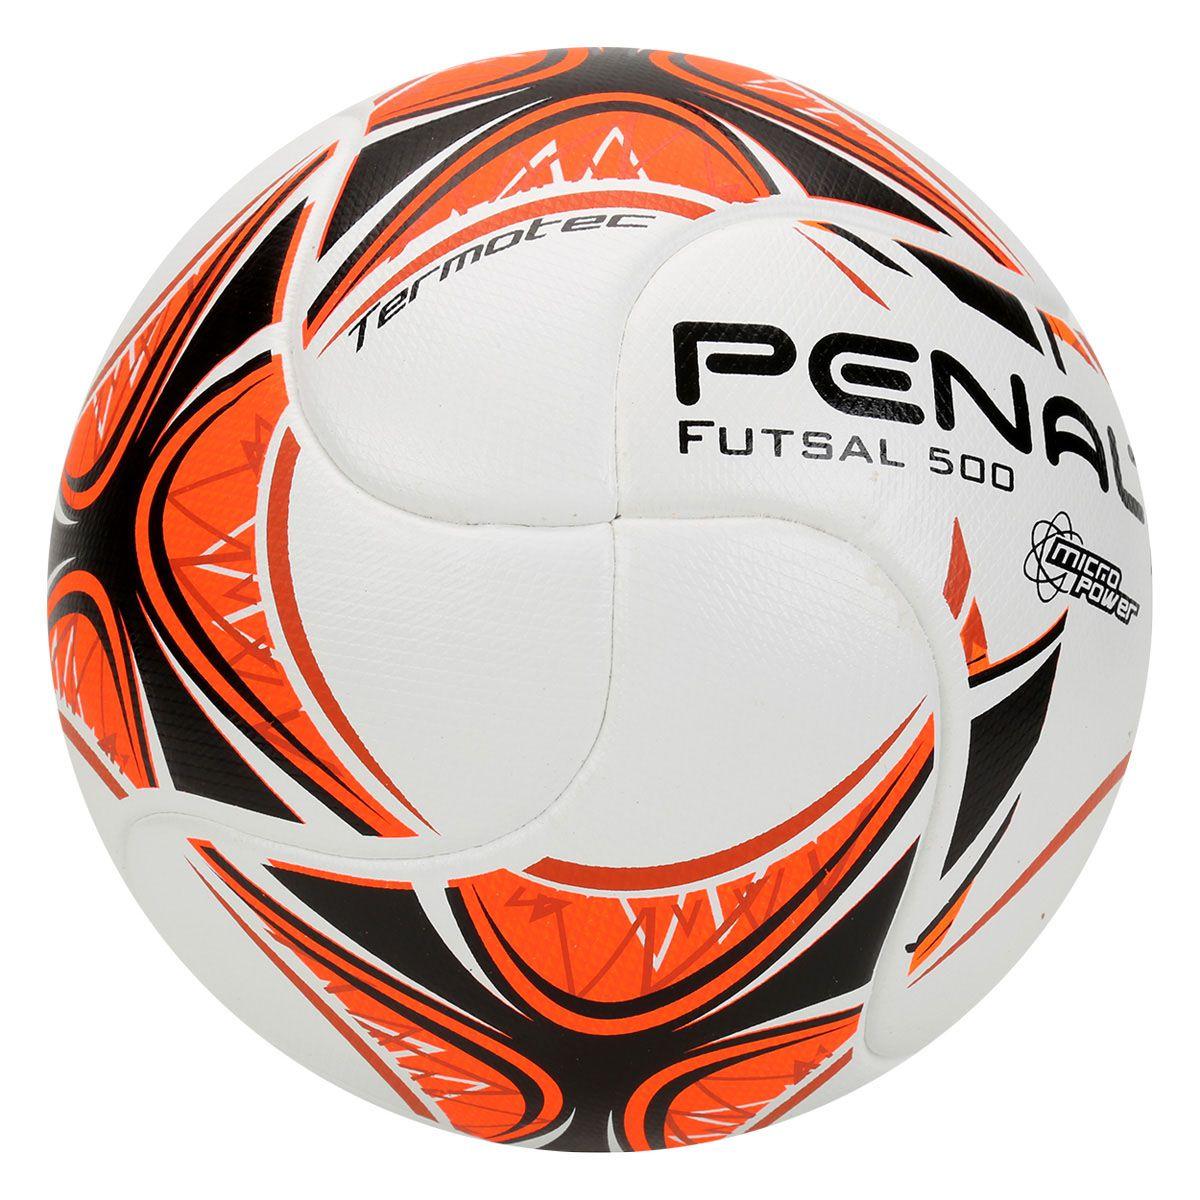 ef960a9702 Bola Penalty Futsal Matis 500 Termotec 7